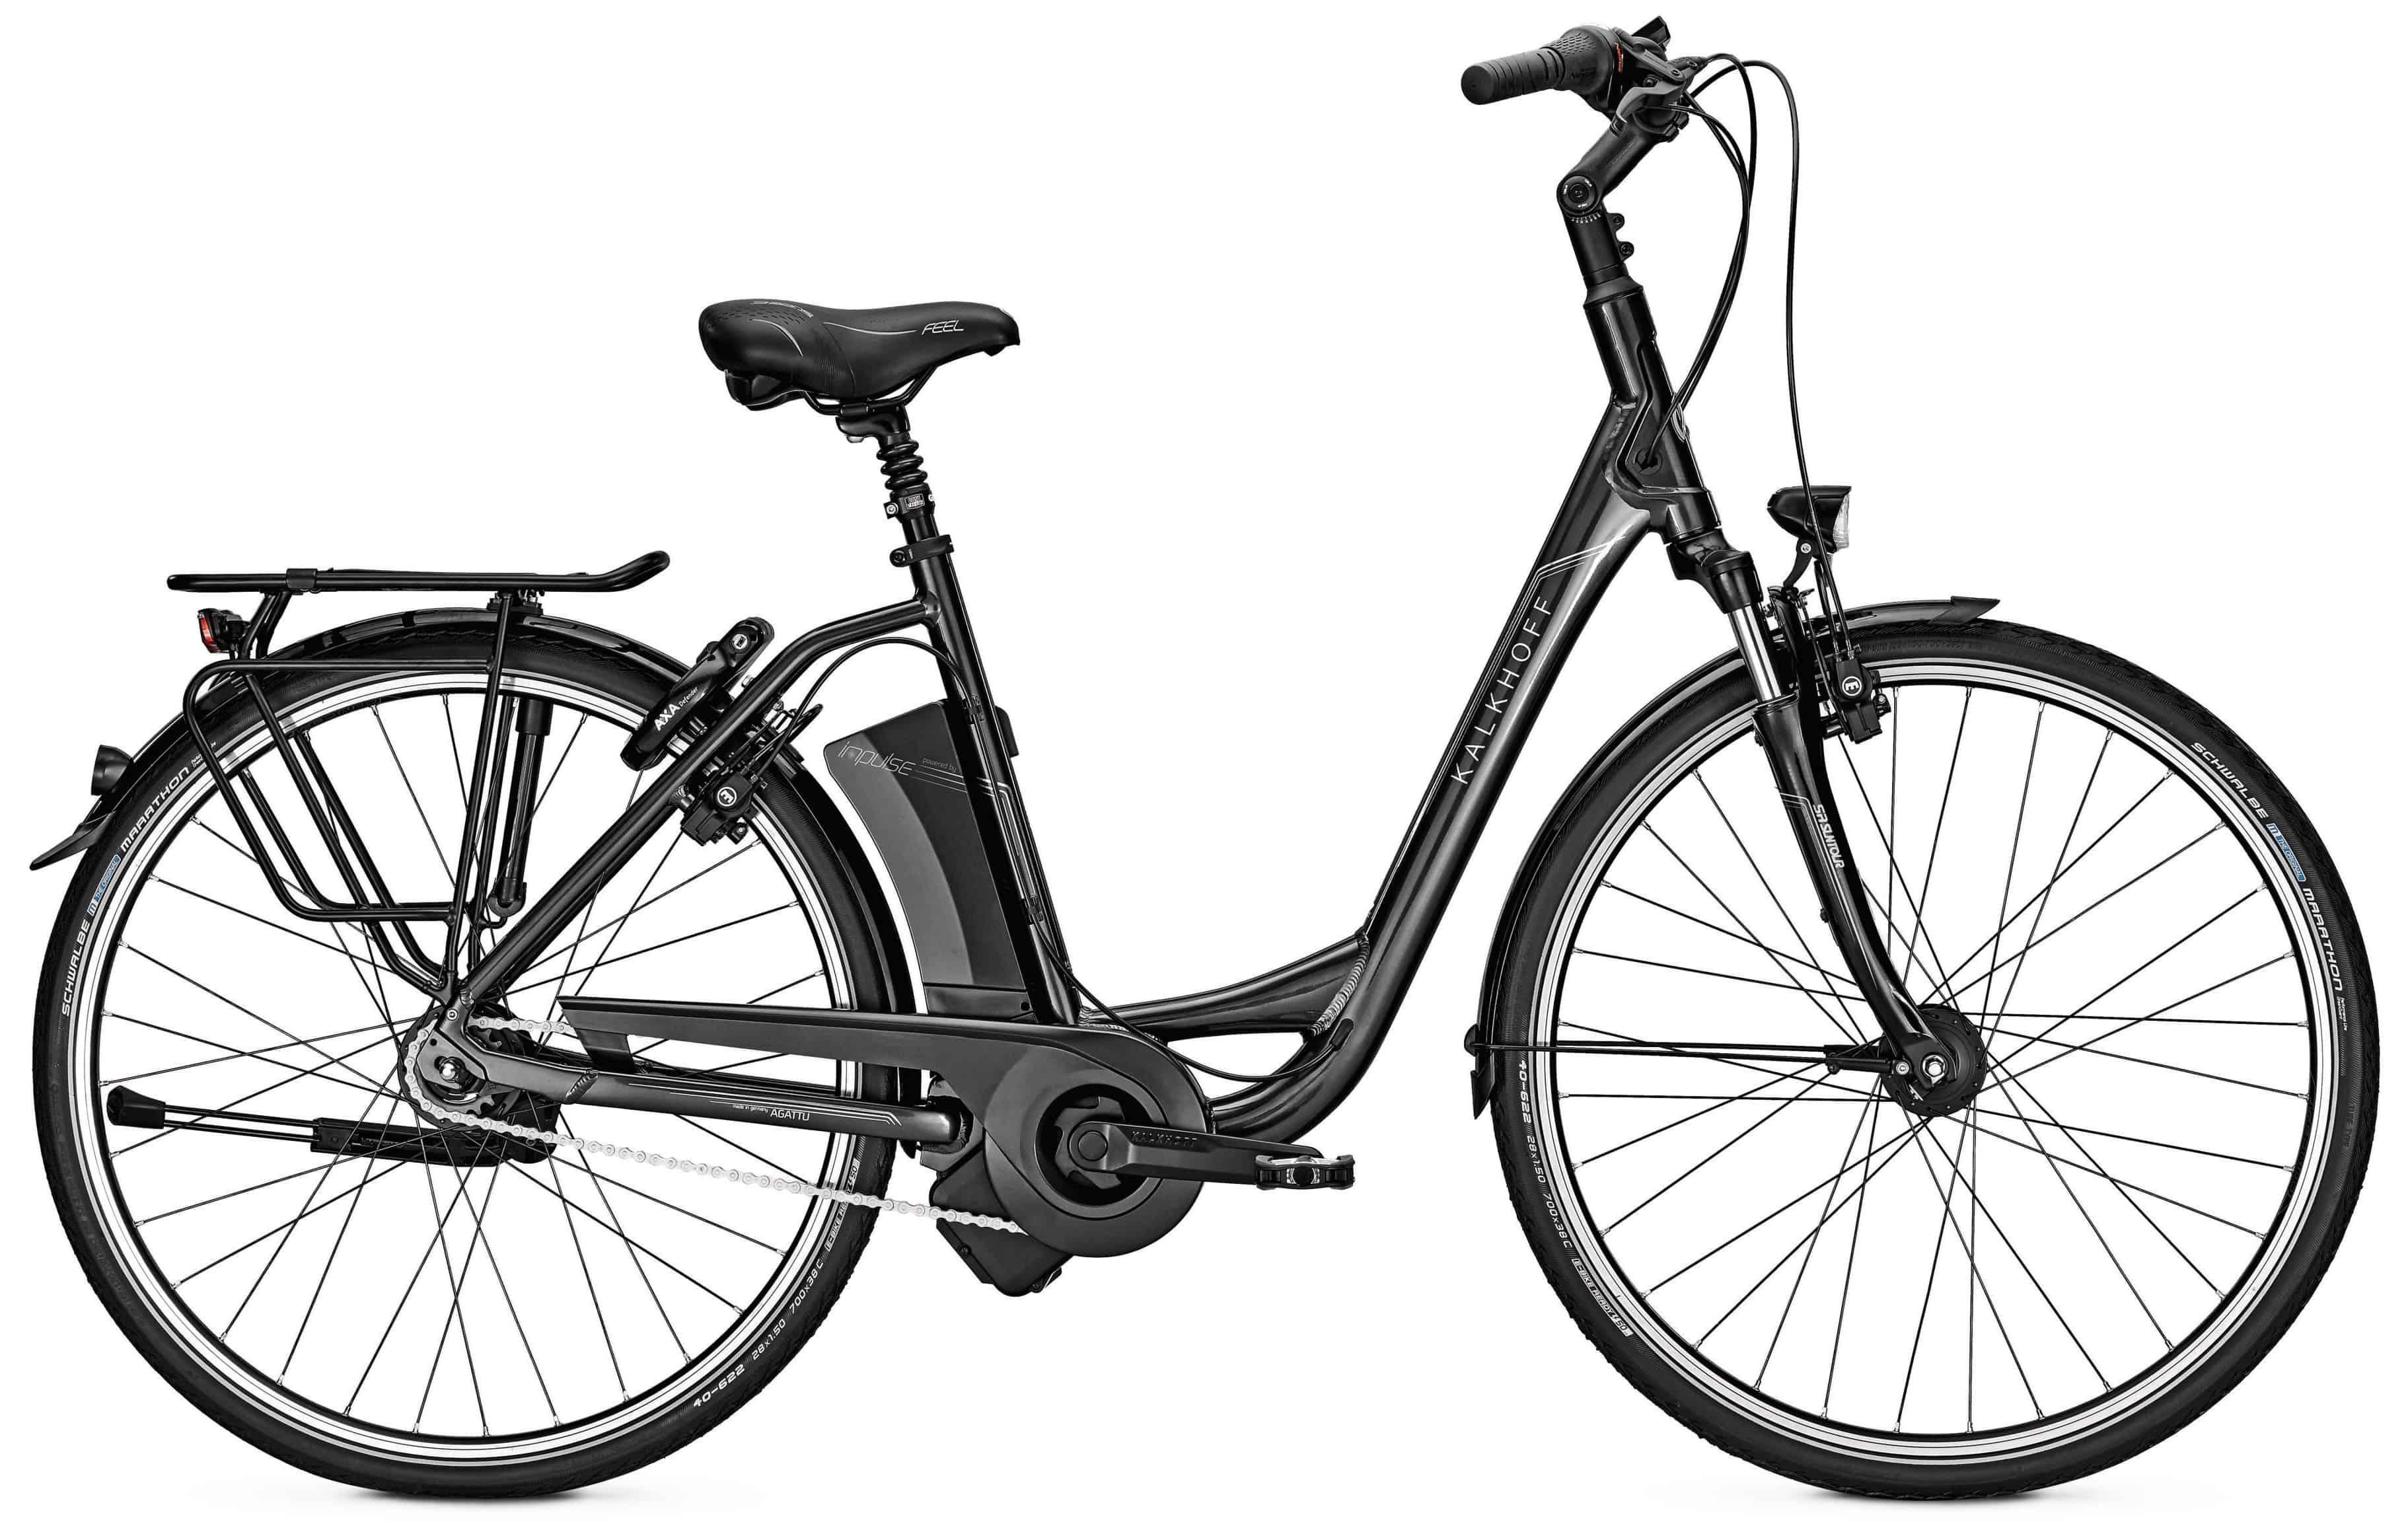 elcykel test - testvinderen